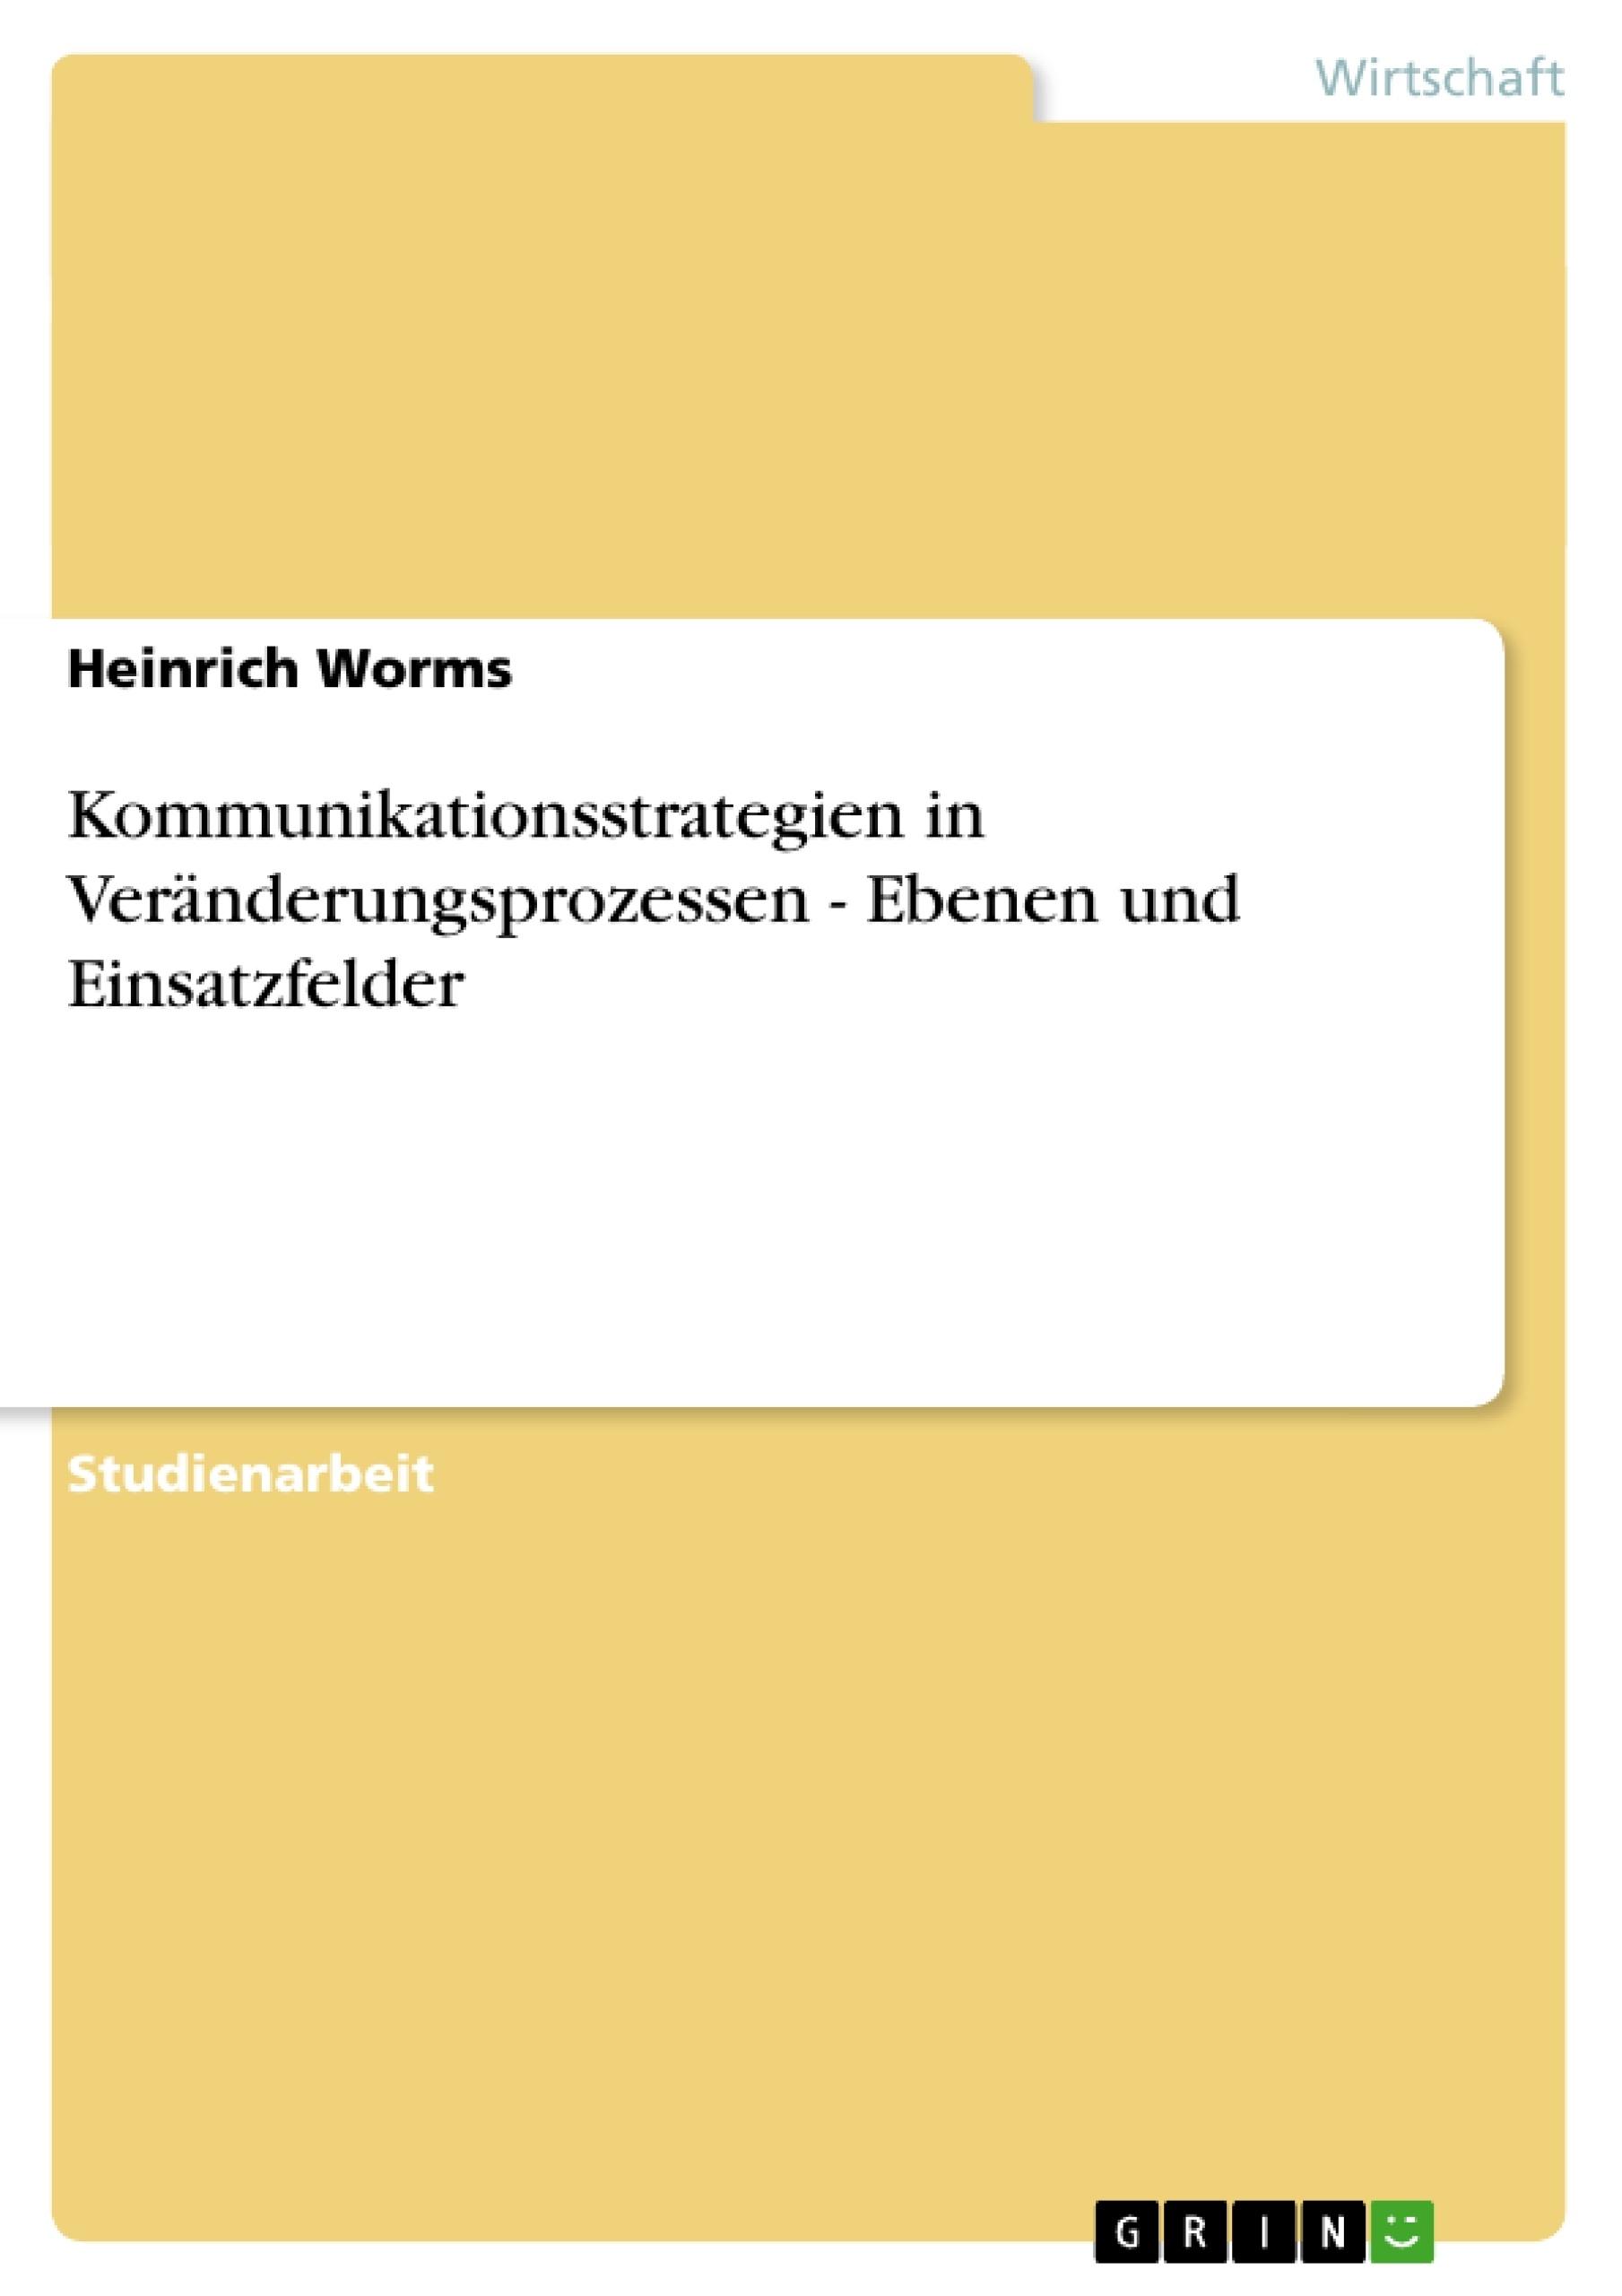 Titel: Kommunikationsstrategien in Veränderungsprozessen - Ebenen und Einsatzfelder